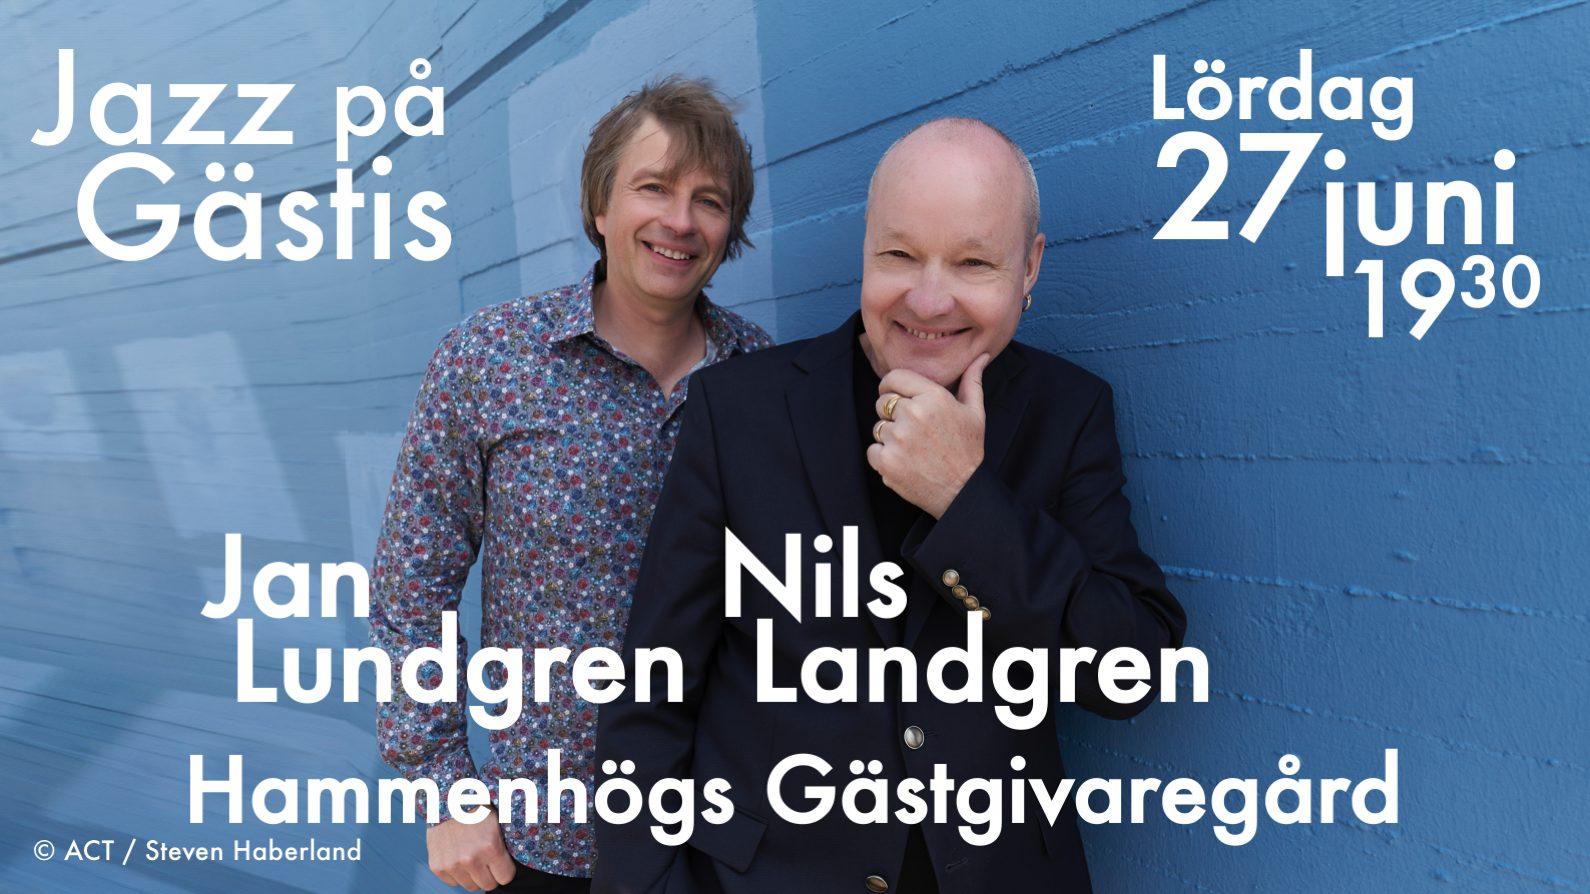 Landgren Lundgren FB österlen.se